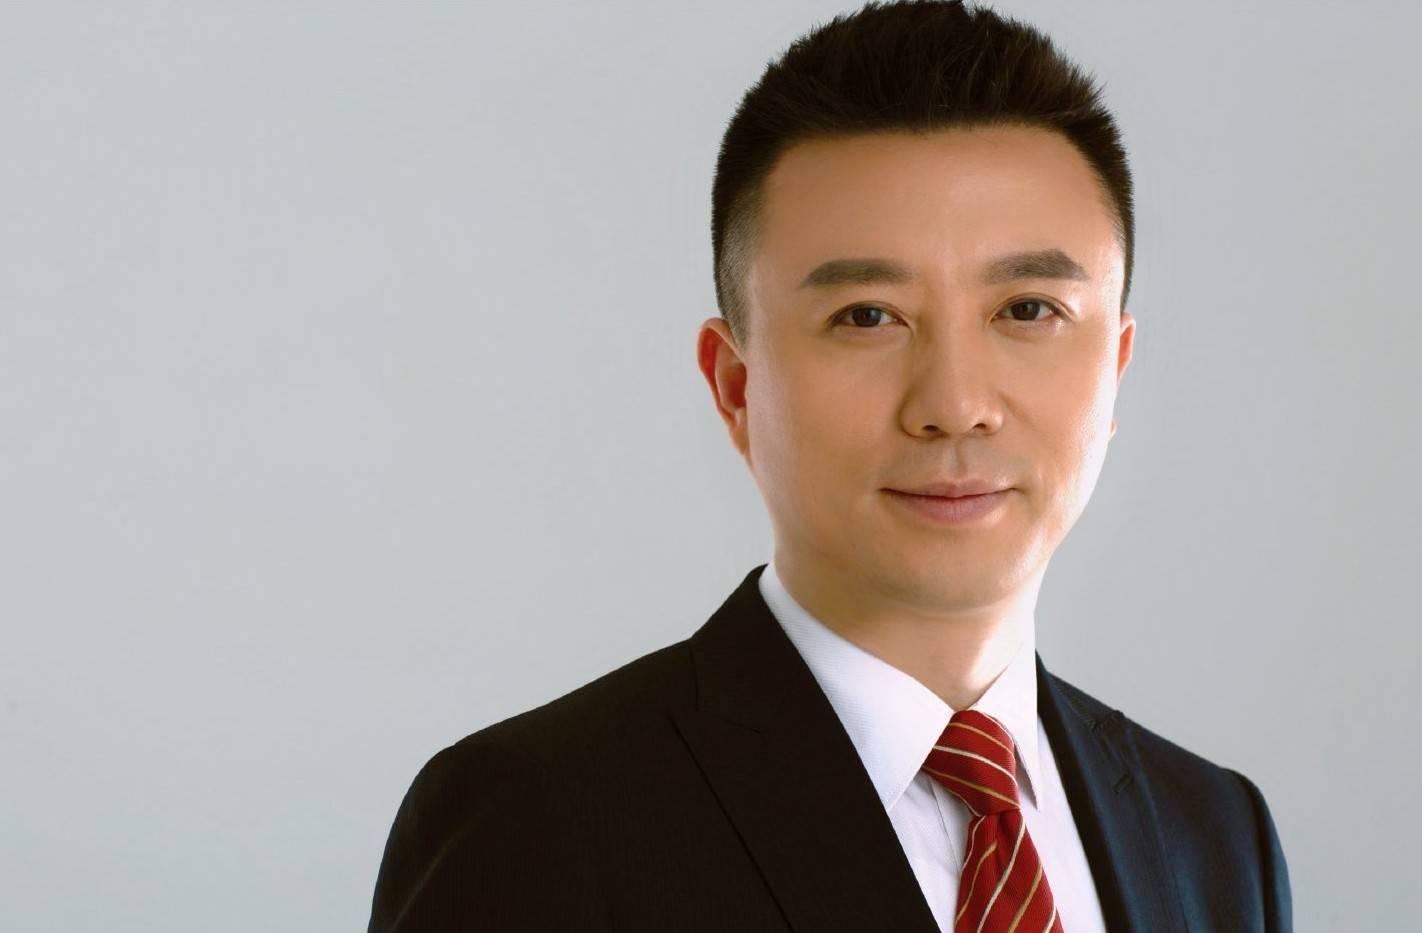 清华学霸柏栩栩:与李易峰同台选秀,现为男主播,被赞有康辉范儿  第15张